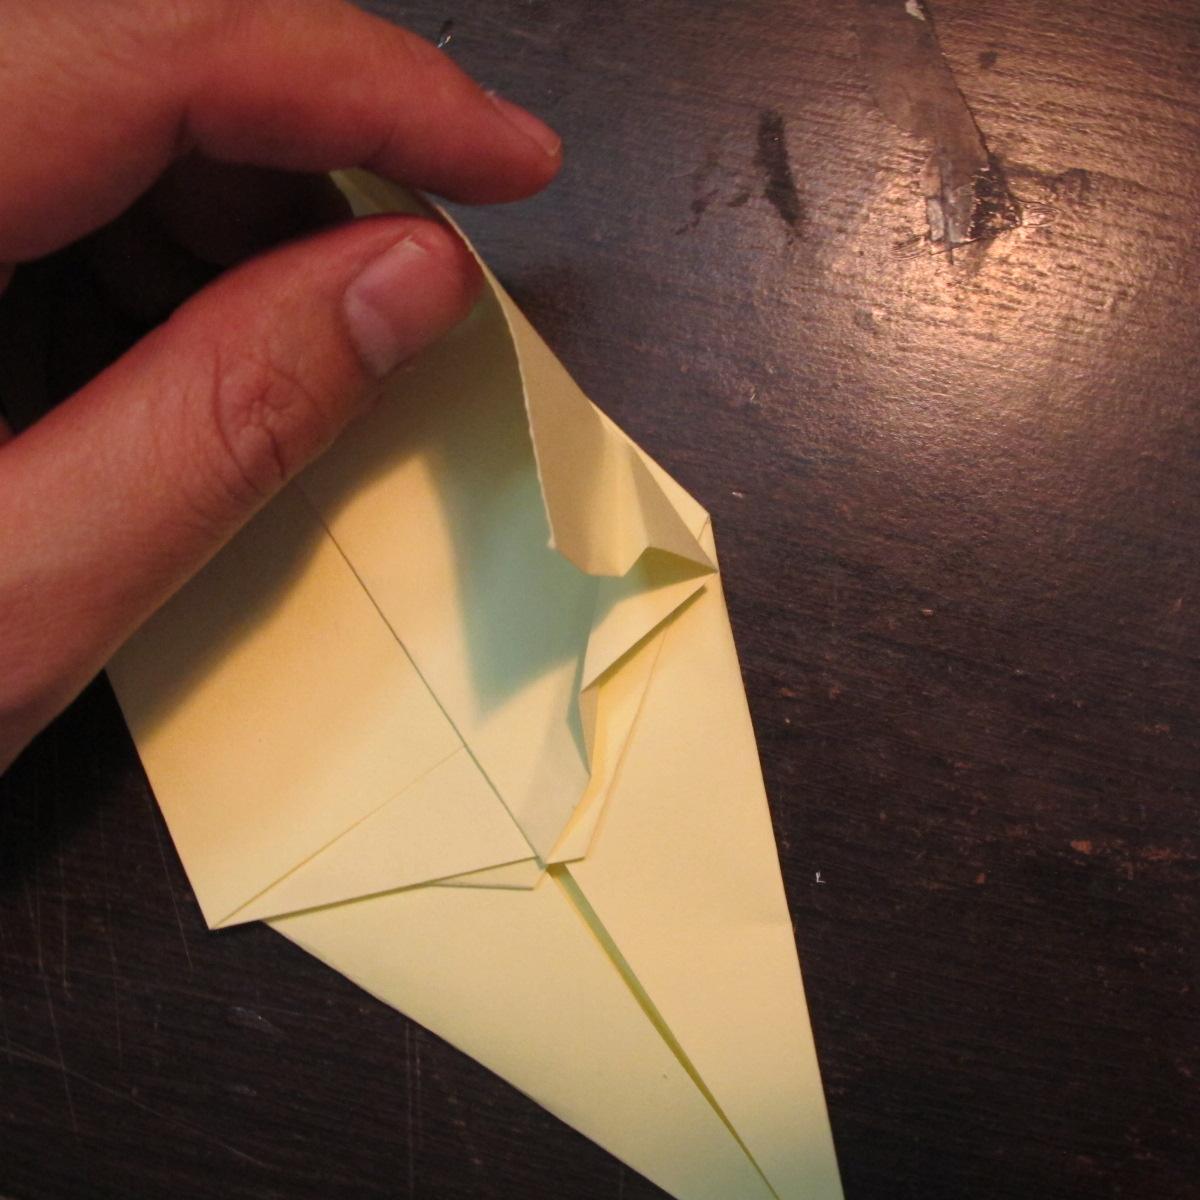 วิธีการพับกระดาษเป็นรูปหงส์ 009